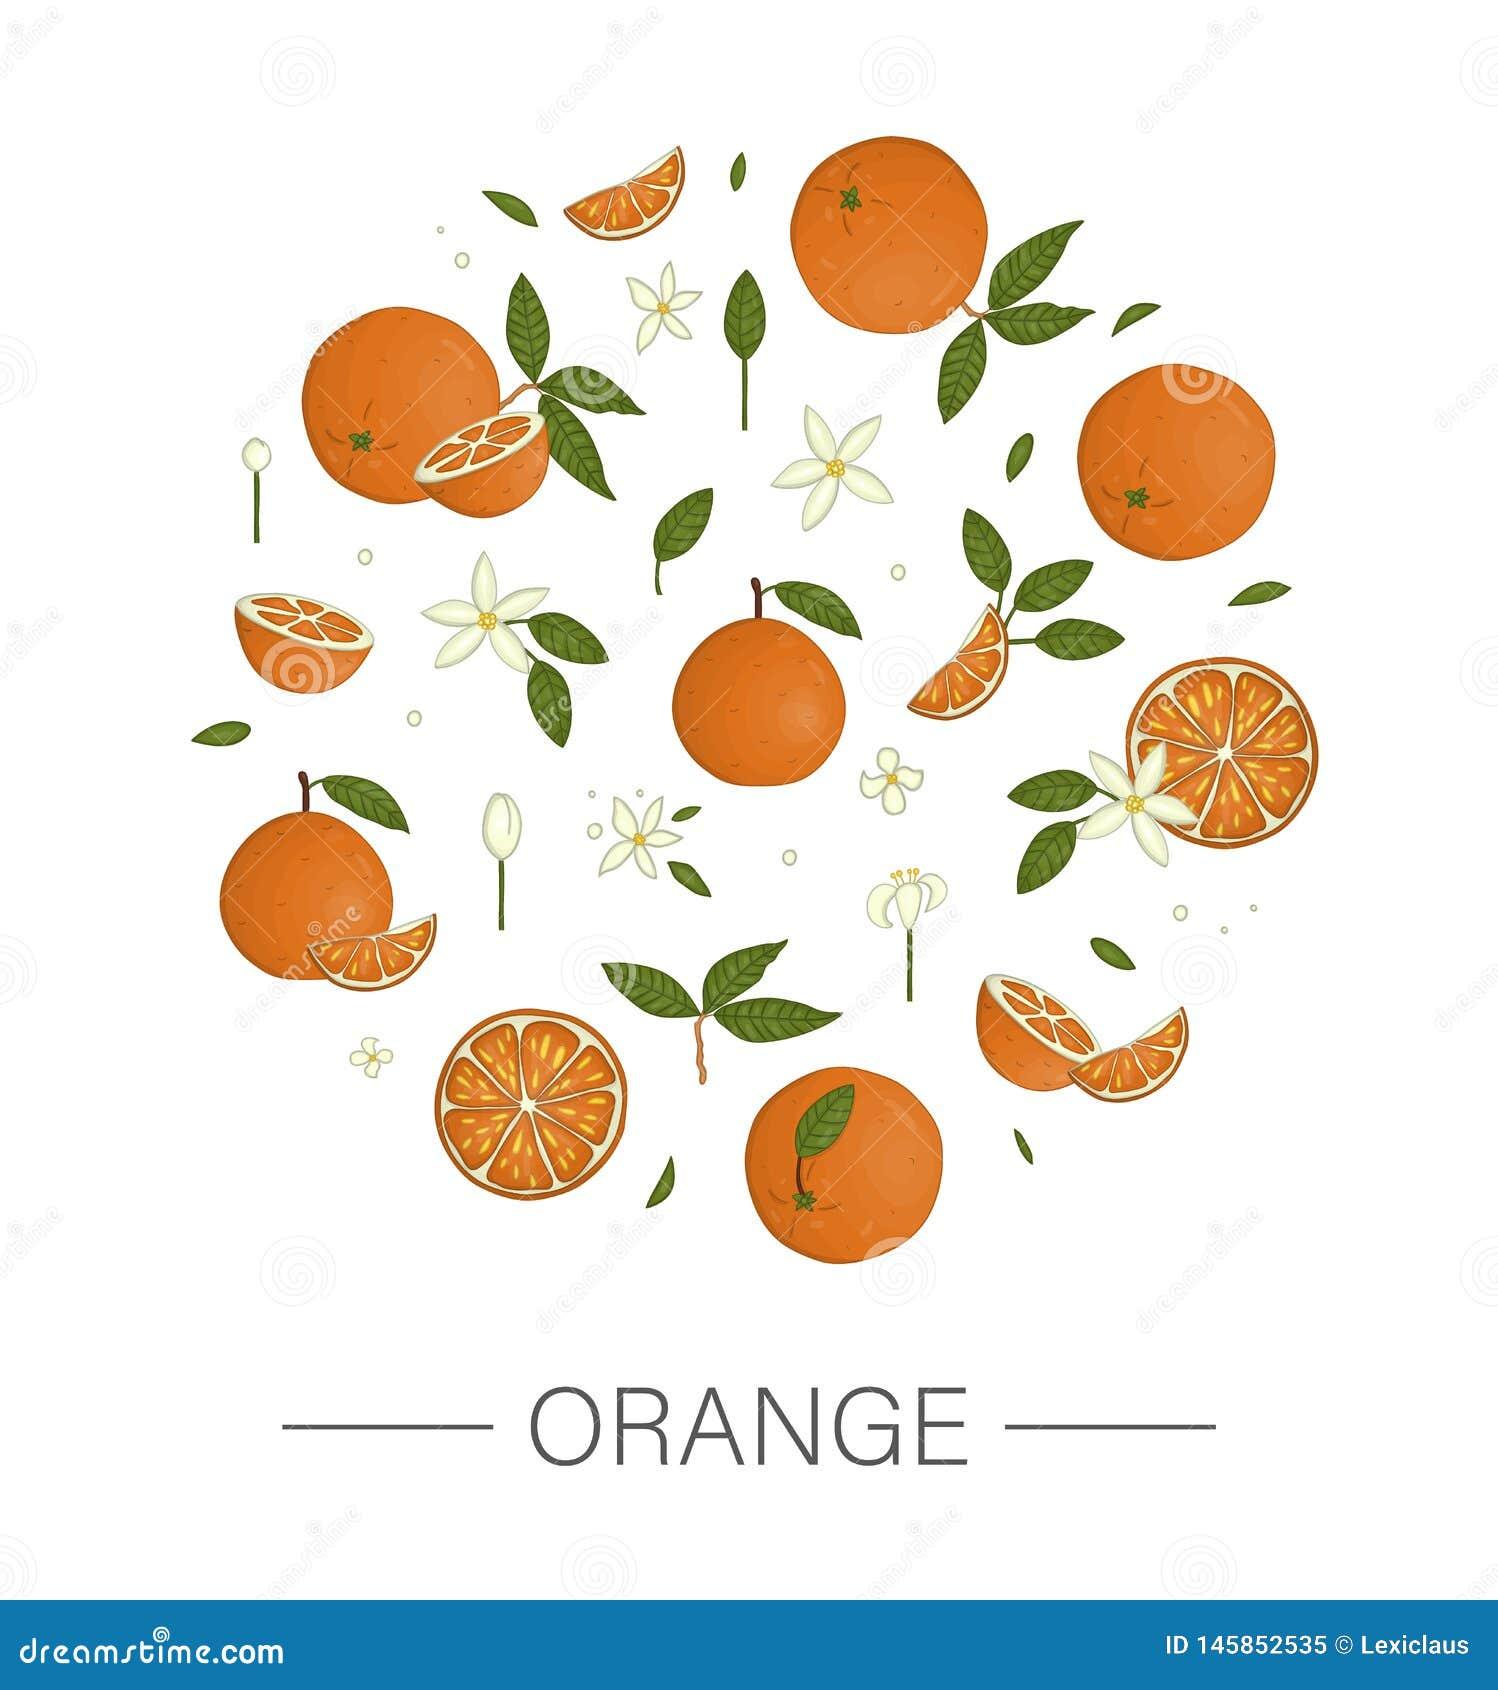 Vektorn färgade uppsättningen av apelsiner som inramades i cirkeln som isolerades på vit bakgrund